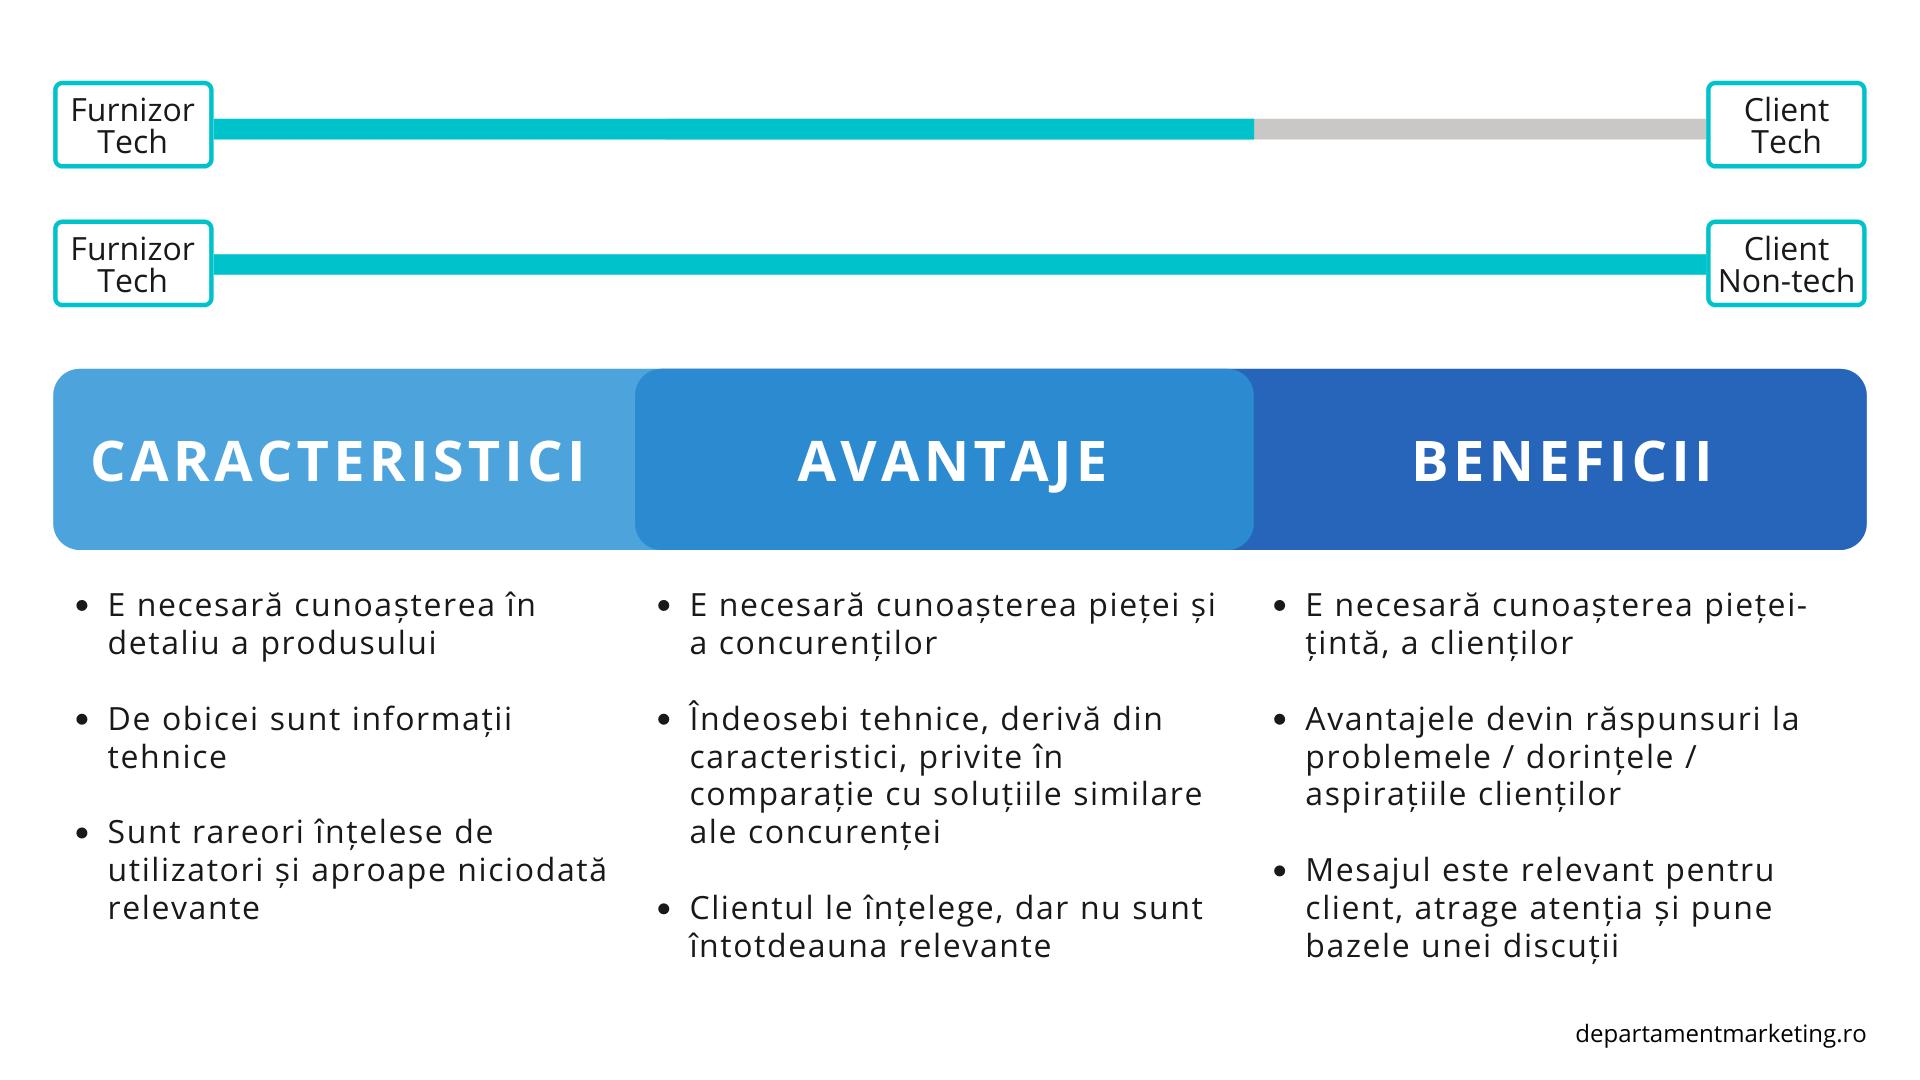 Marketing pentru tehnologie - Caracteristici, avantaje, beneficii